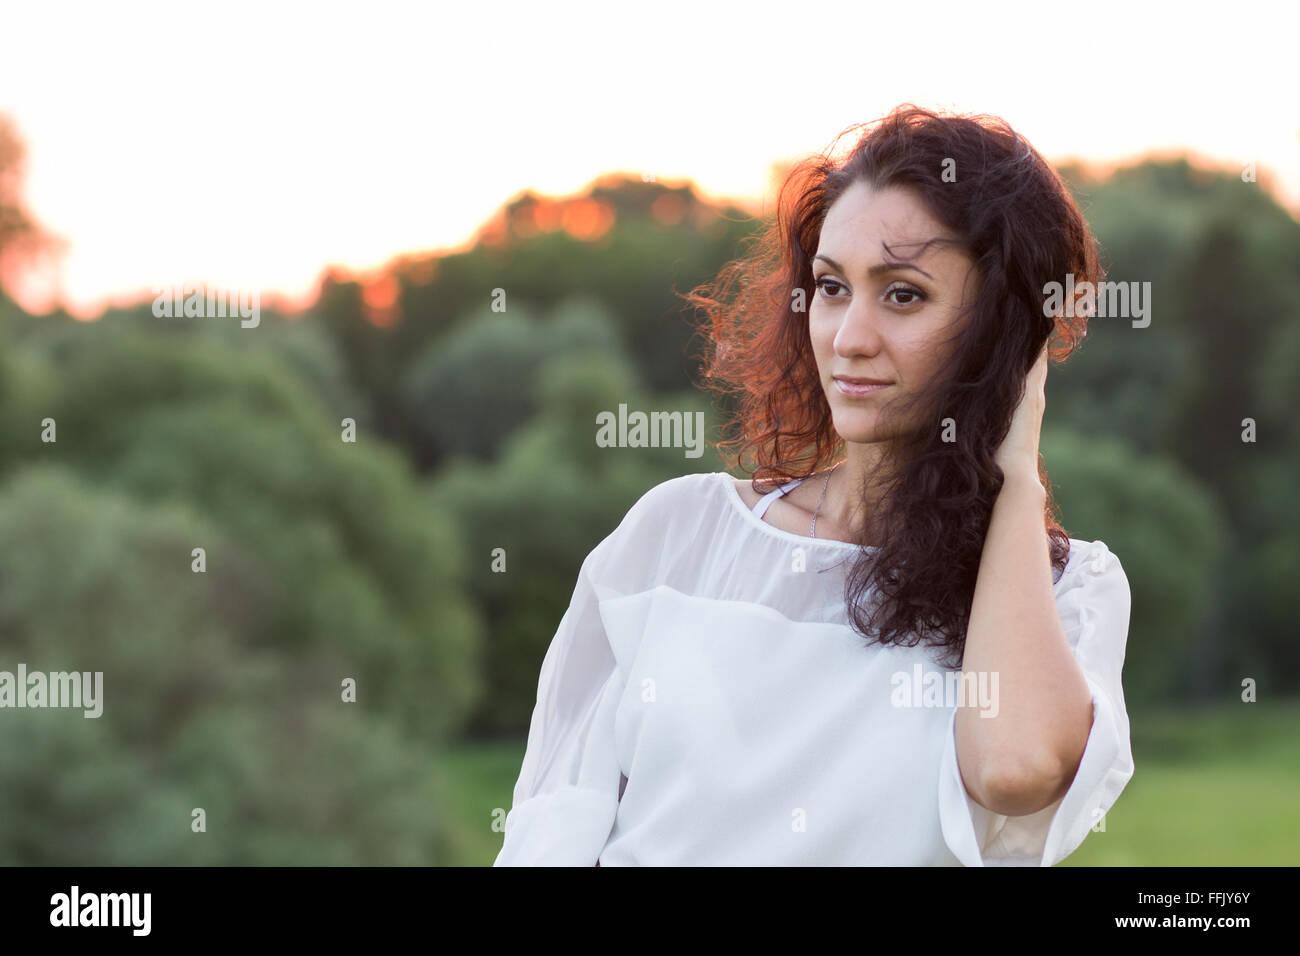 Joven Mujer feliz con negro cabello frizzy exterior permanente contra los bosques en la noche. Retrato de niña Imagen De Stock